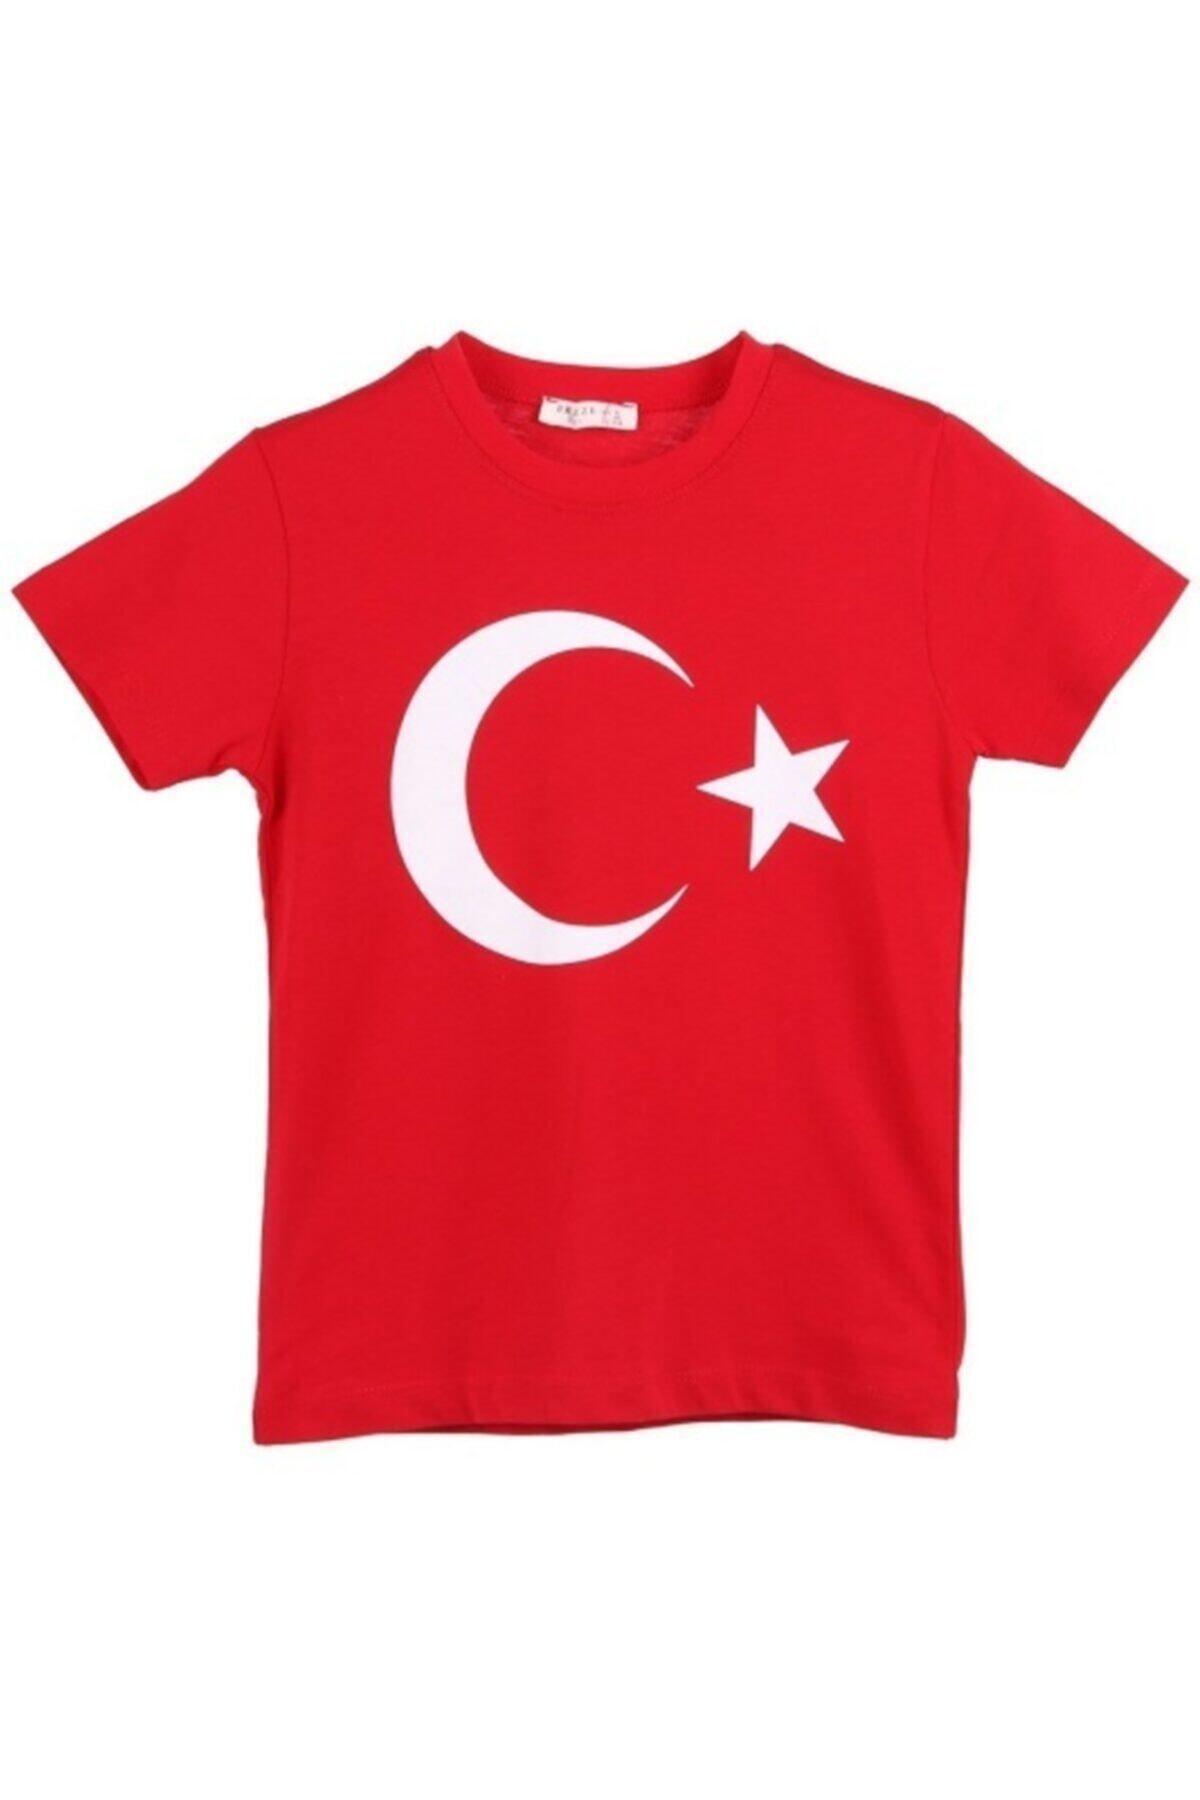 Çocuk Kırmızı Türk Bayraklı T-shirt